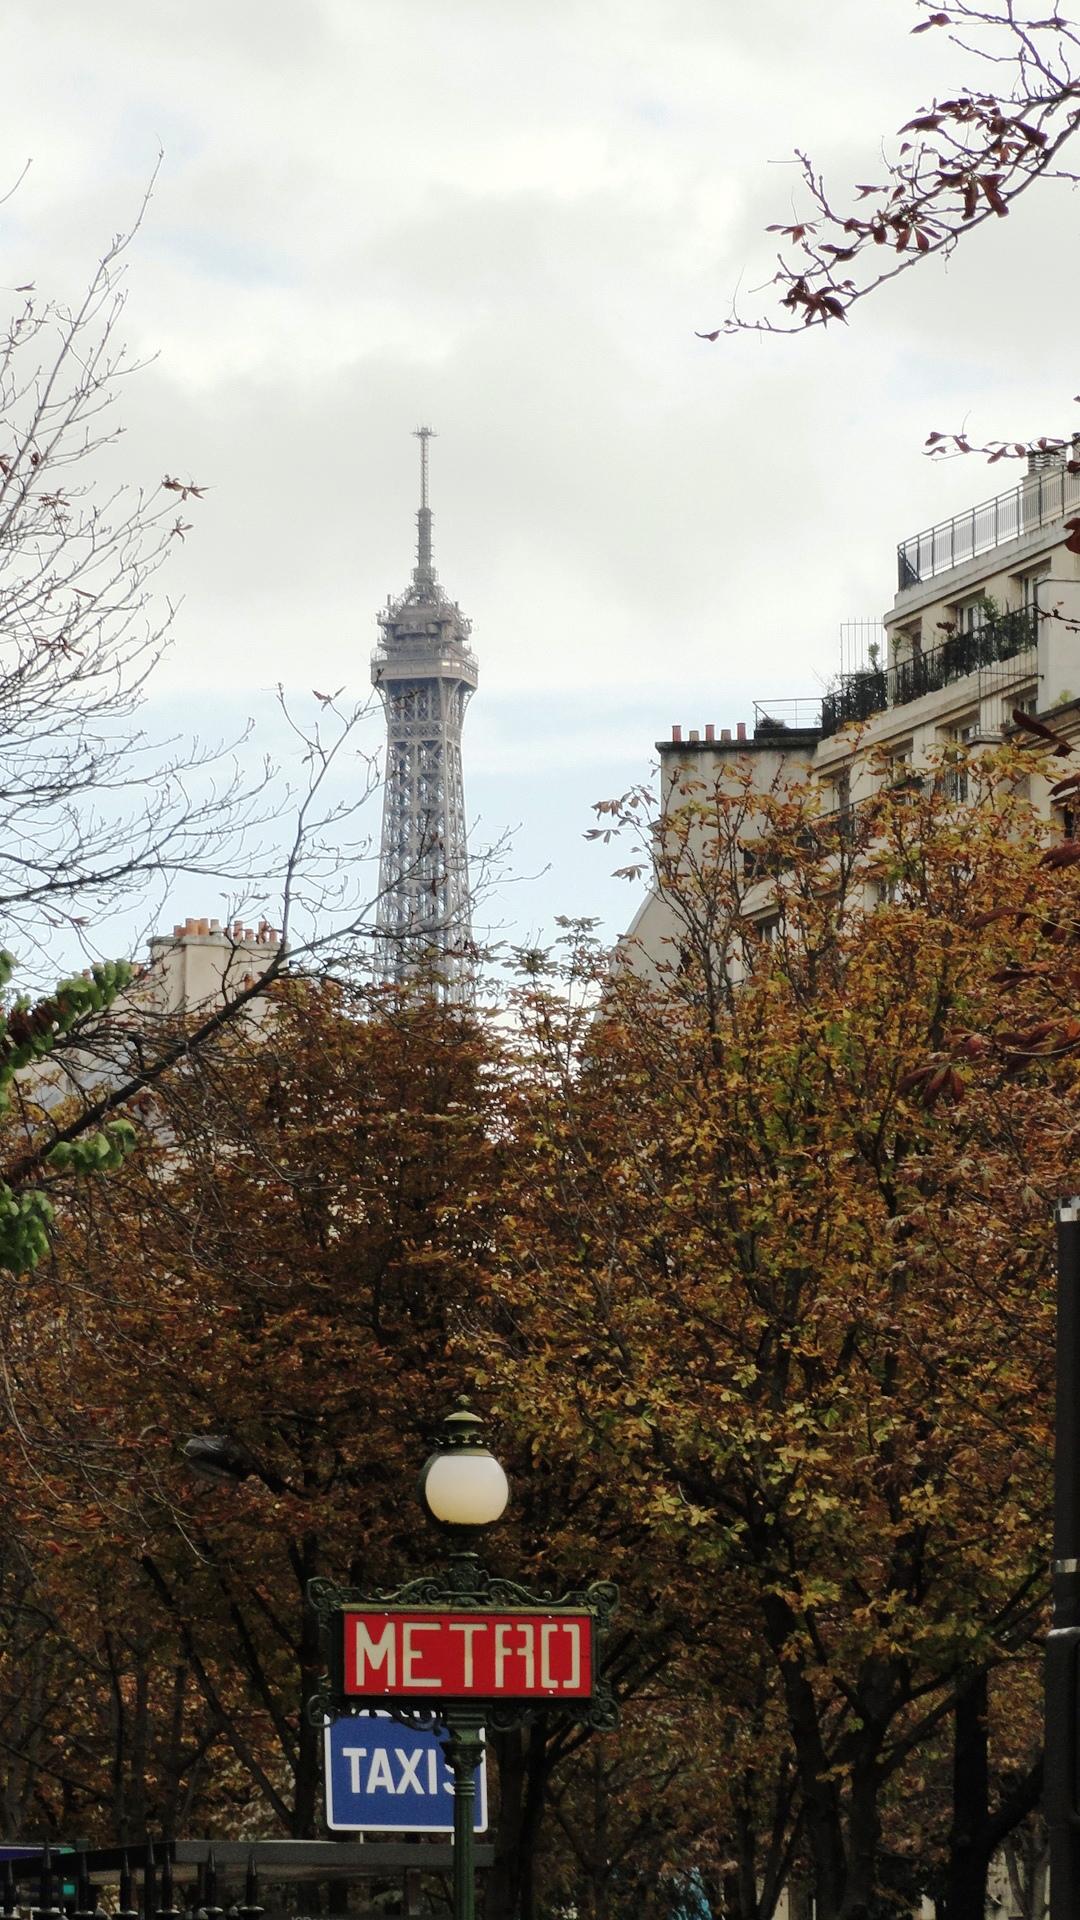 Station Métro Rue de La Pompe, Paris 16e - Tour Eiffel